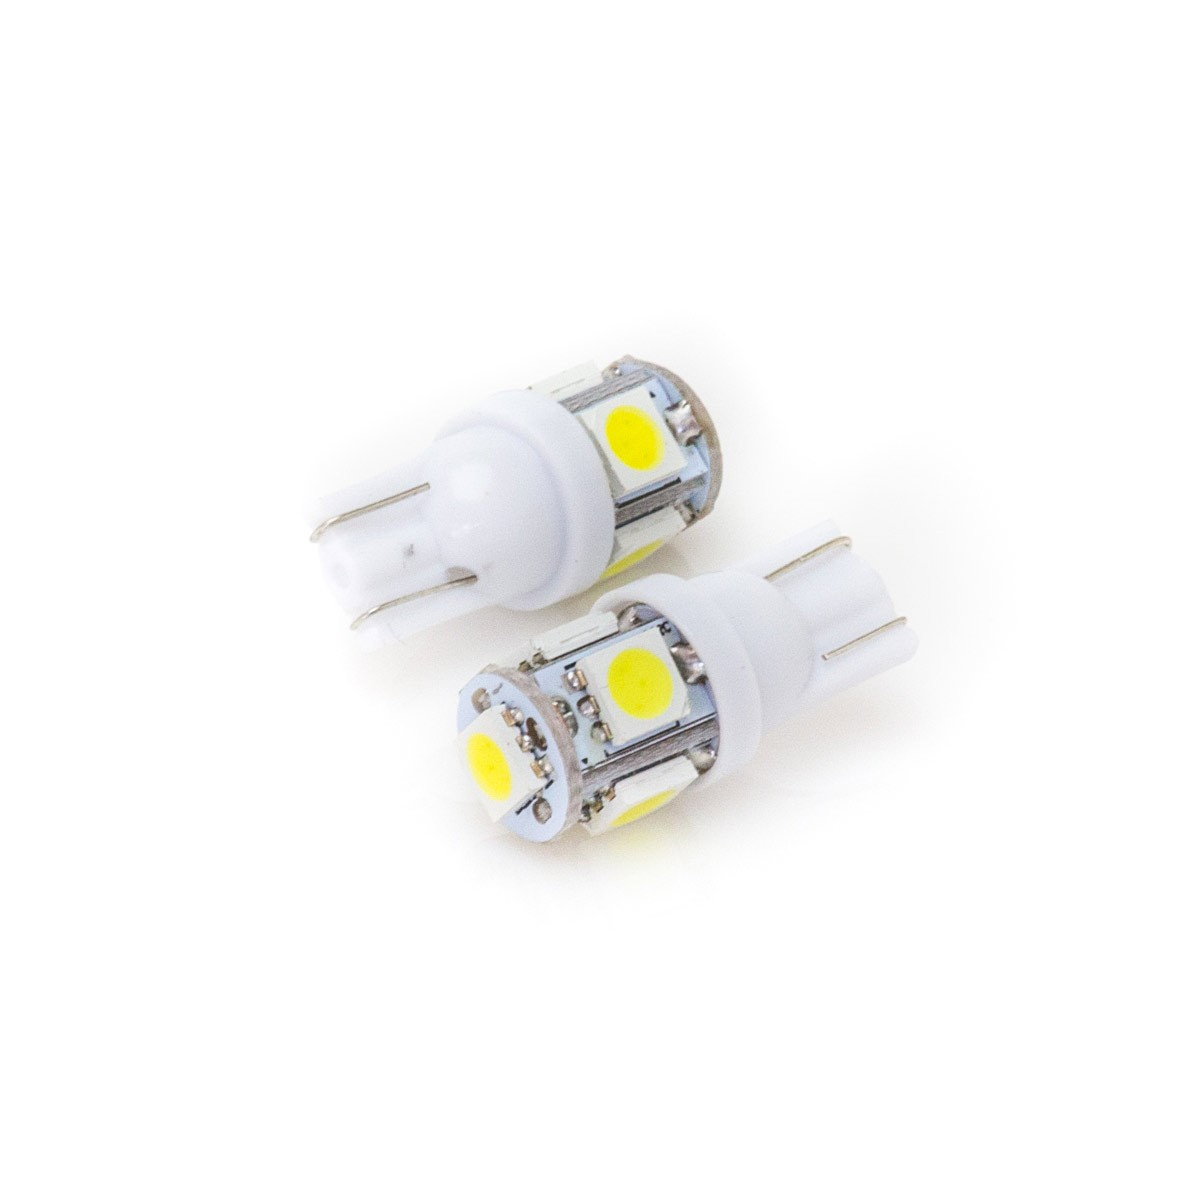 t10-led-bulb-2380.jpg